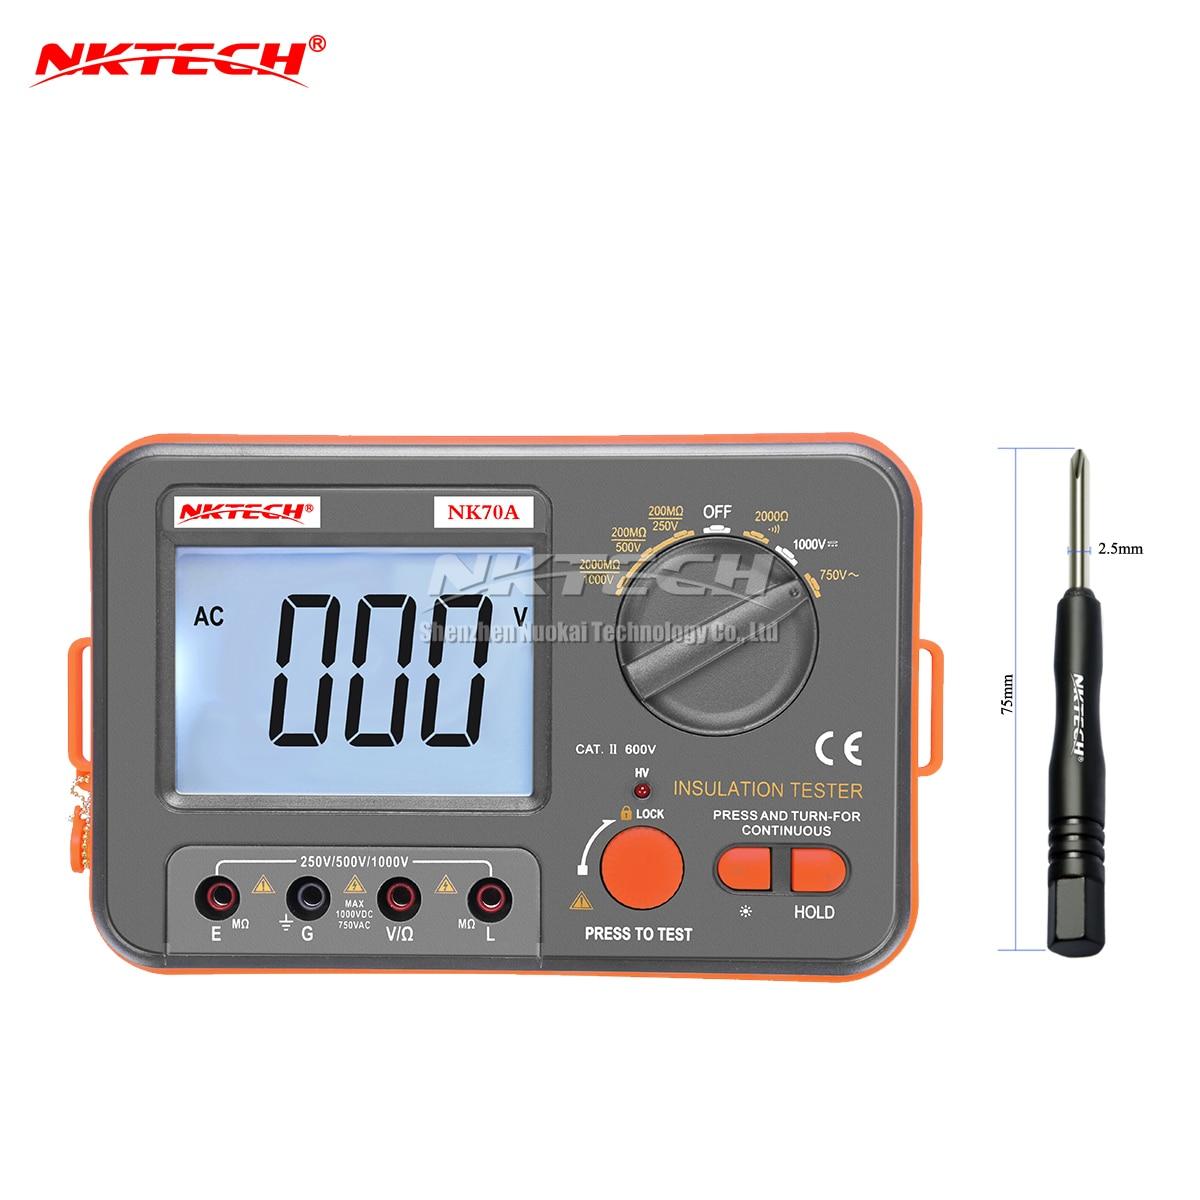 NKTECH Digital Megohmmeter Tester MegOhm Meter NK70A LCD Insulation DC AC Voltage Resistance 250V/500V/1000VDC 750VAC Multimeter<br>